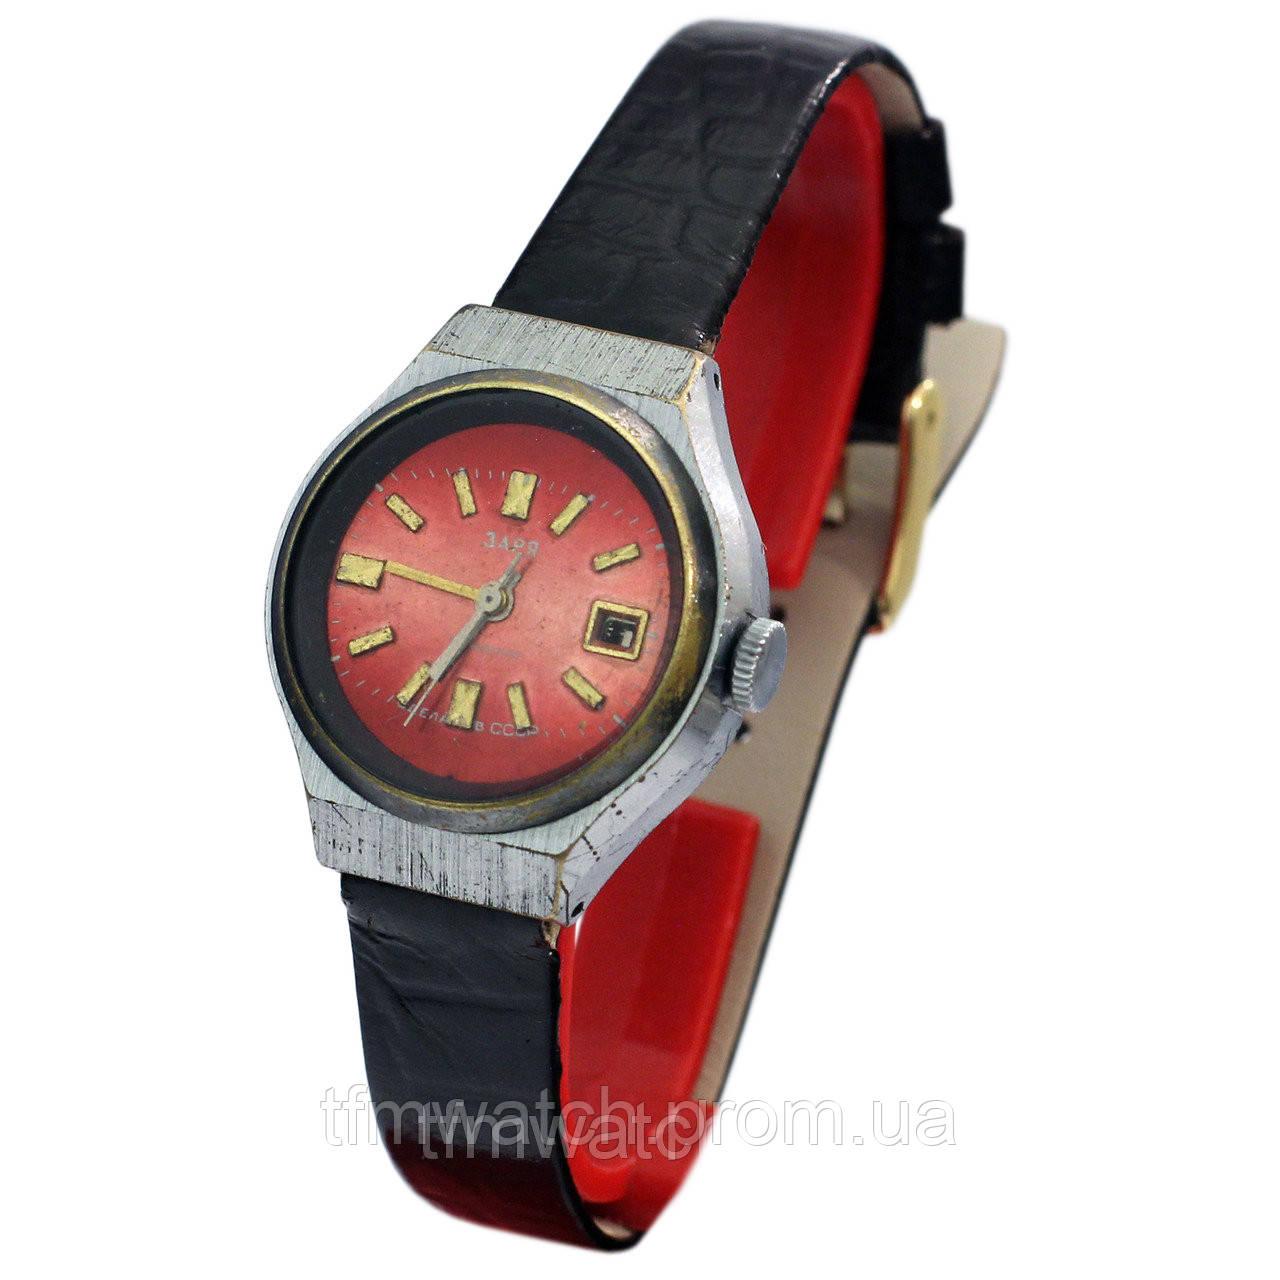 Механические часы продать советские часов выкуп элитных